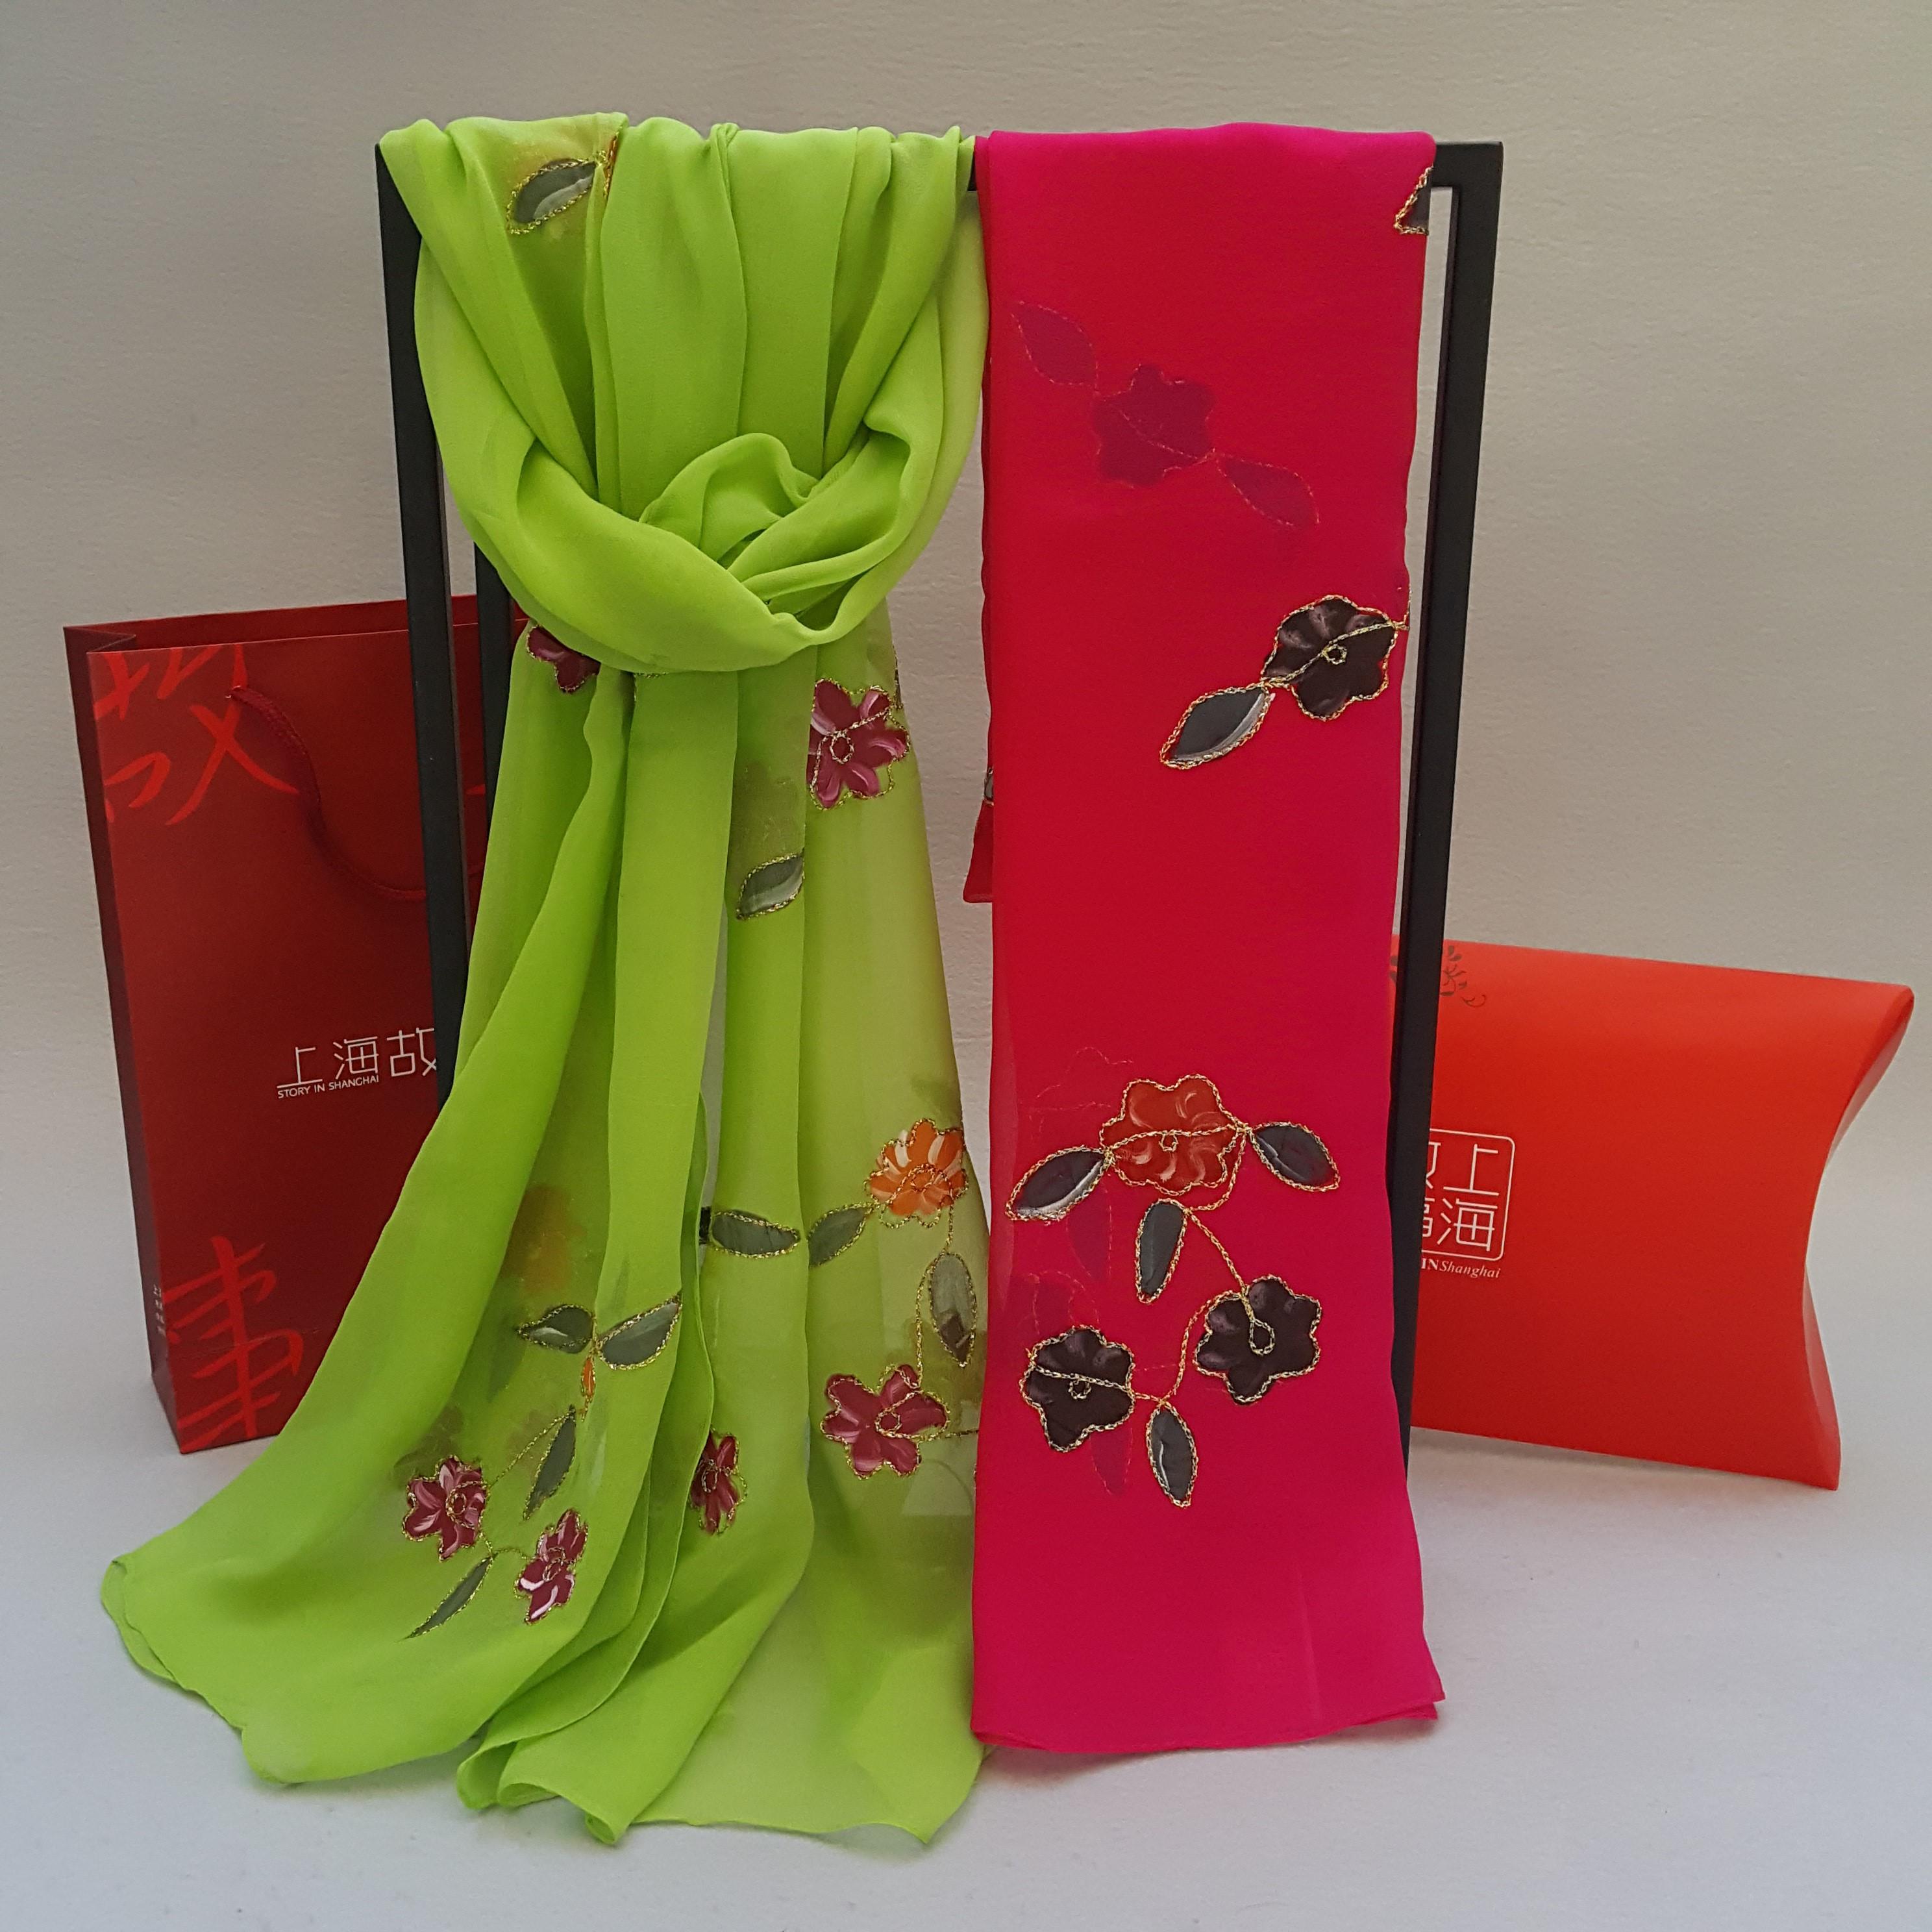 上海故事桑蚕丝真丝巾秋冬季百搭长款丝绸围巾女金线盘花